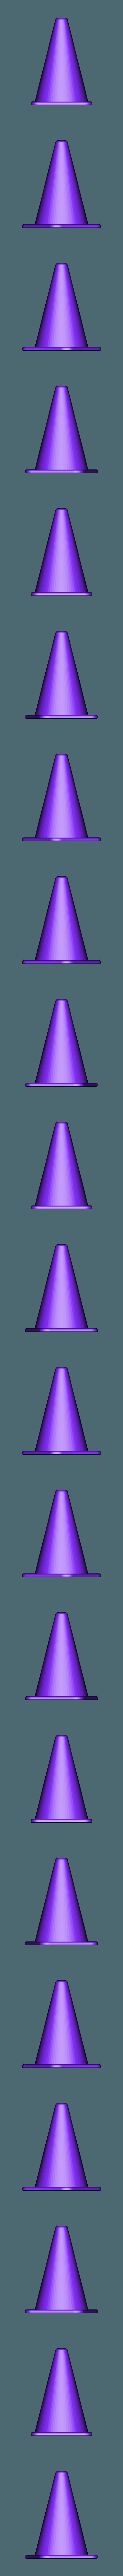 Cone 40mm.stl Download free STL file 40mm traffic cone (OpenZ scenery) • 3D printer object, guaro3d